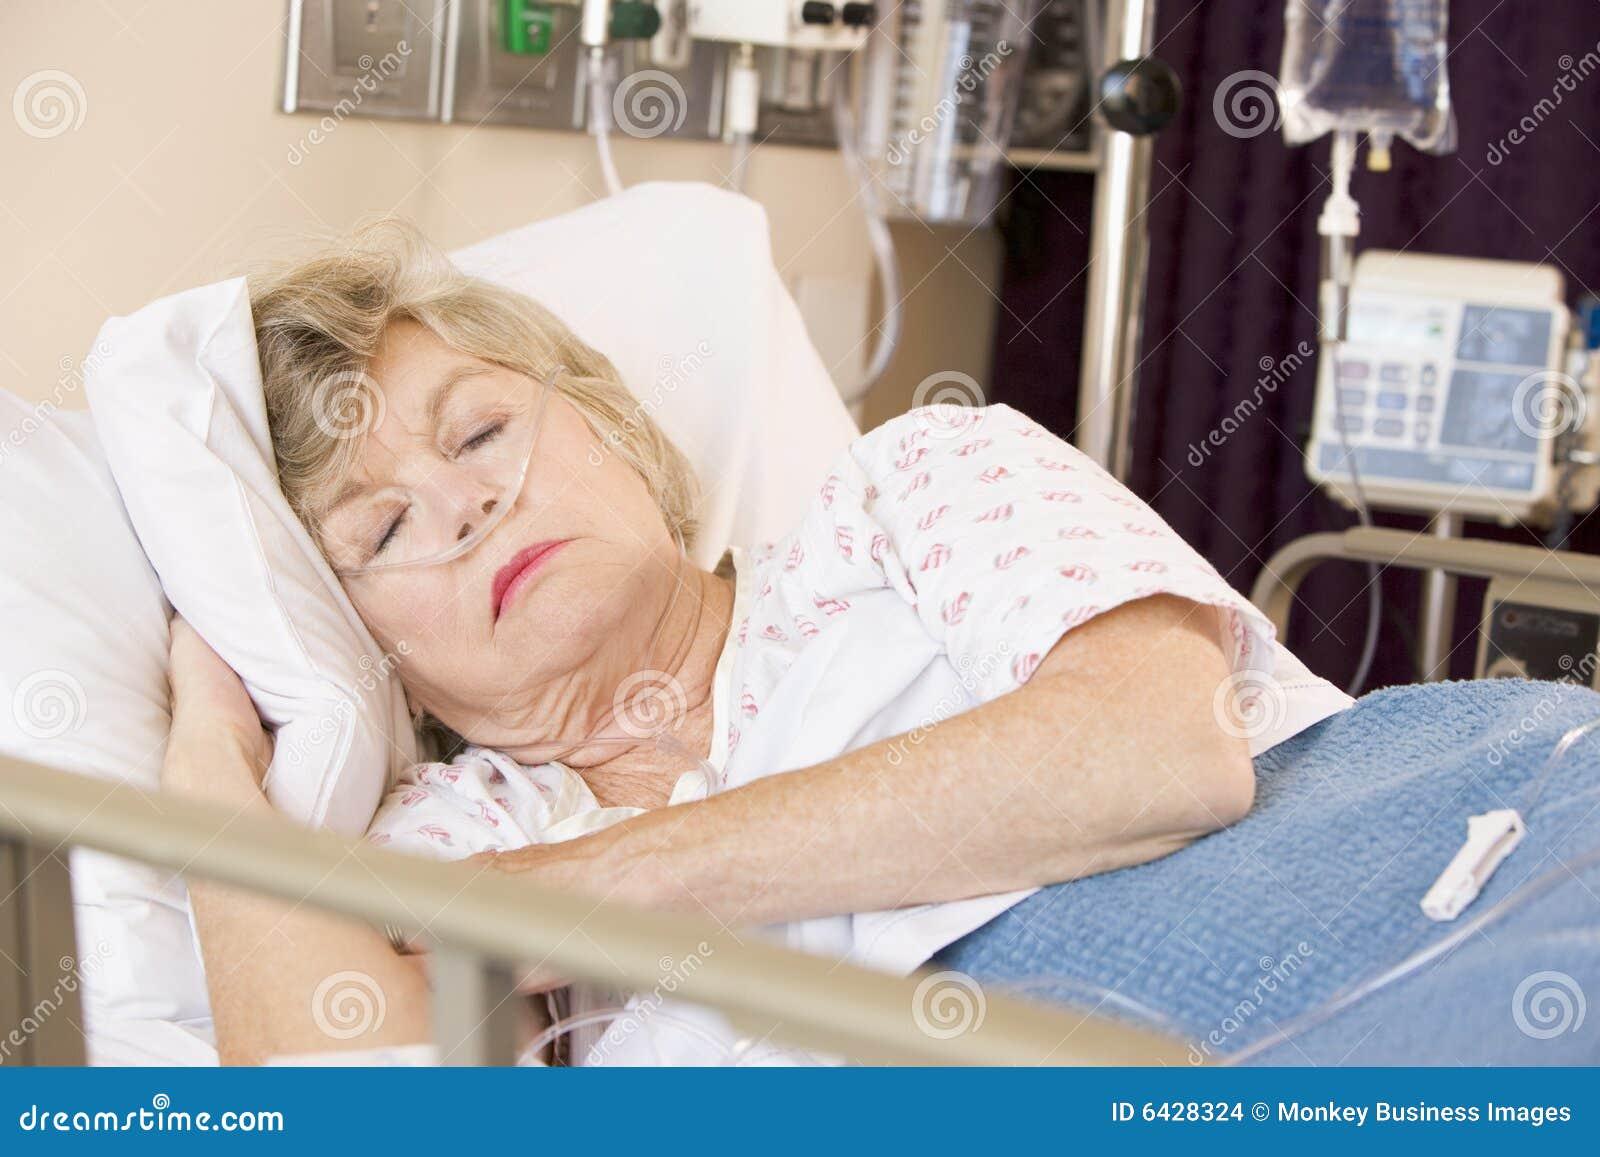 Donna maggiore che dorme nel letto di ospedale fotografia - Sognare cacca nel letto ...